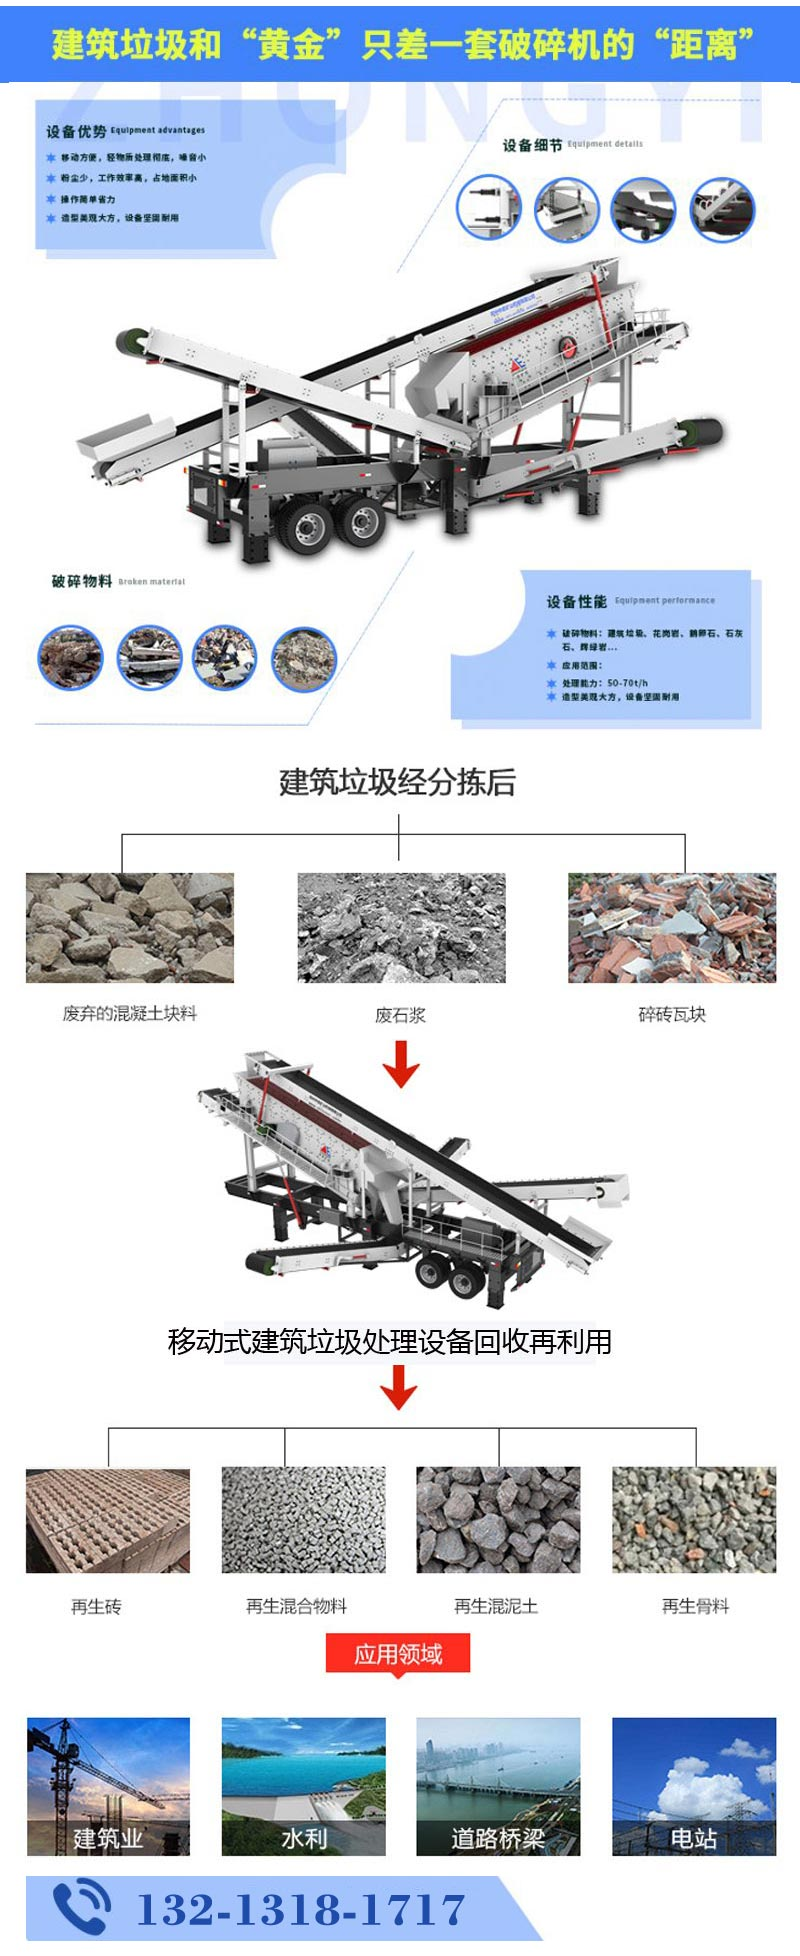 1.建筑垃圾回收利用圖片.jpg